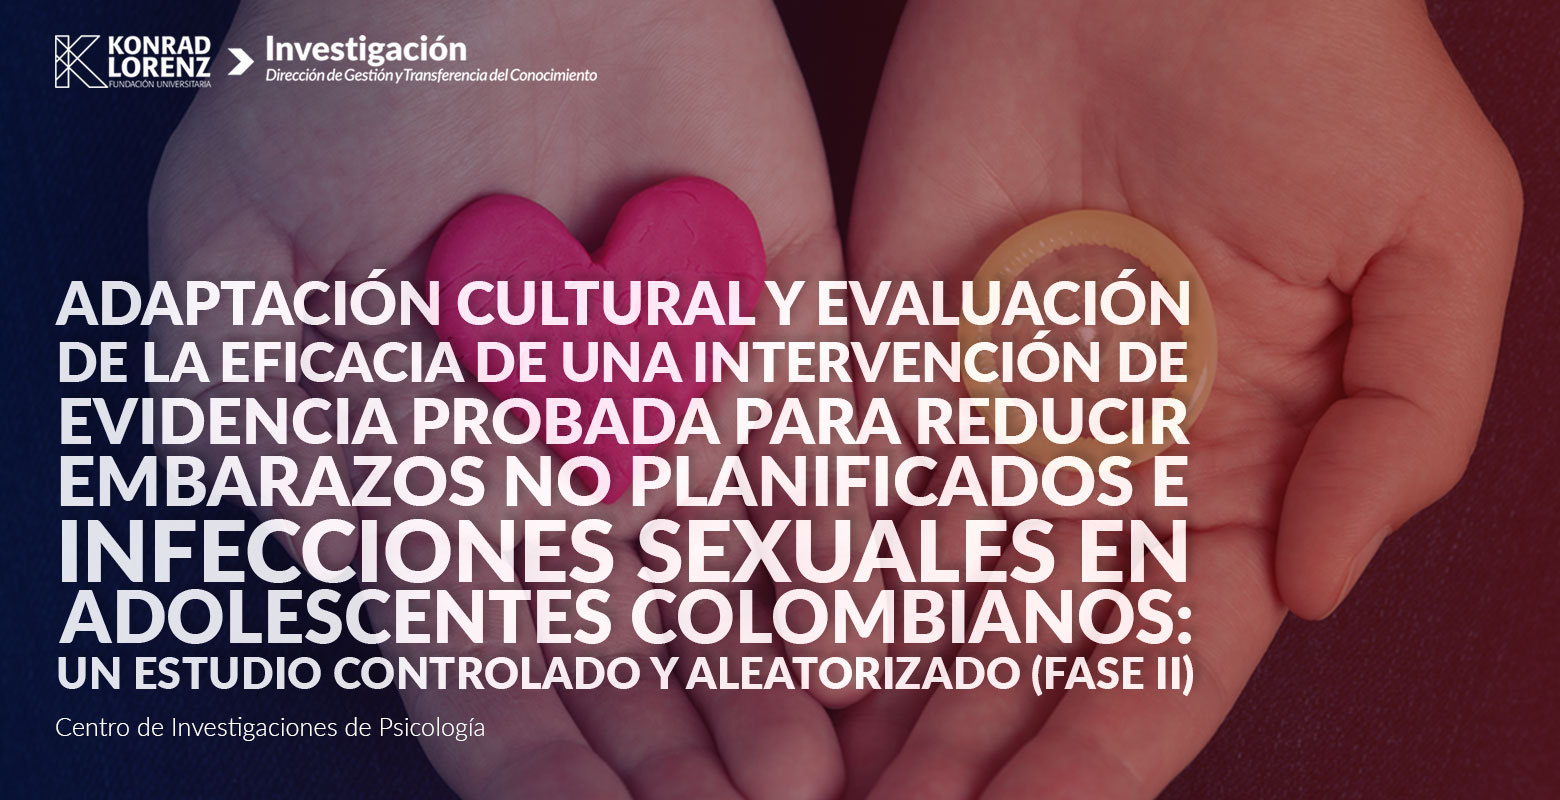 Adaptación cultural y evaluación de la eficacia de una intervención de evidencia probada para reducir embarazos no planificados e infecciones sexuales en adolescentes colombianos: un estudio controlado y aleatorizado. (FASE II)